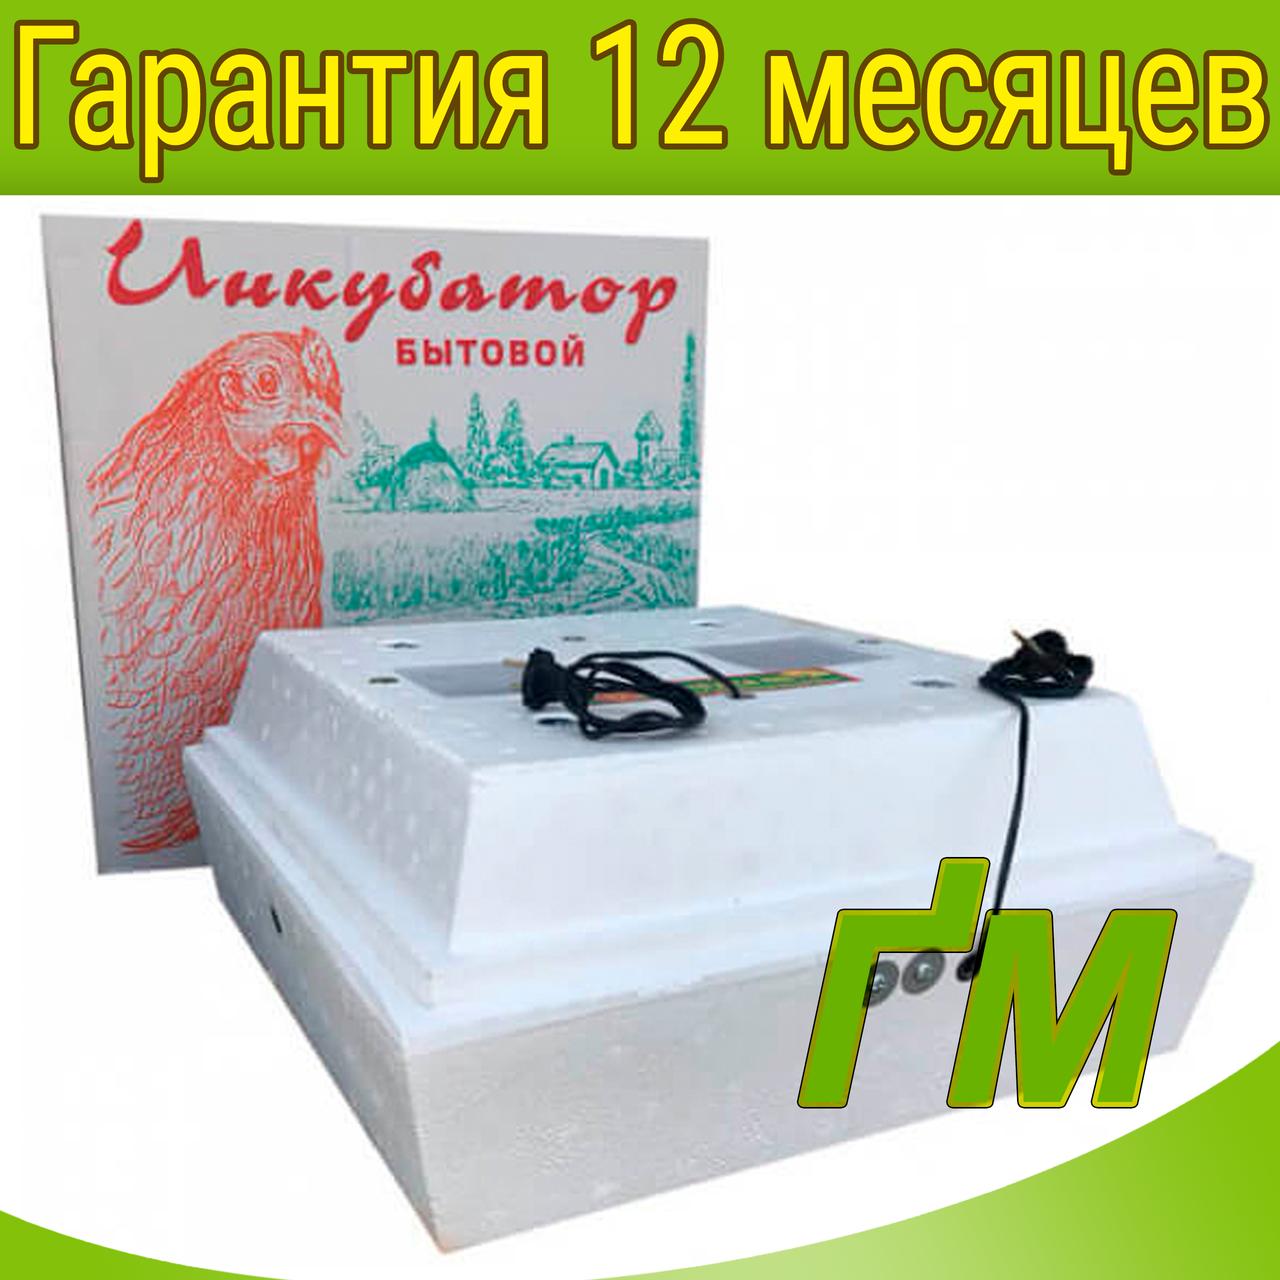 Инкубатор Наседка ИБ-120/72 (автоматический, цифровой)